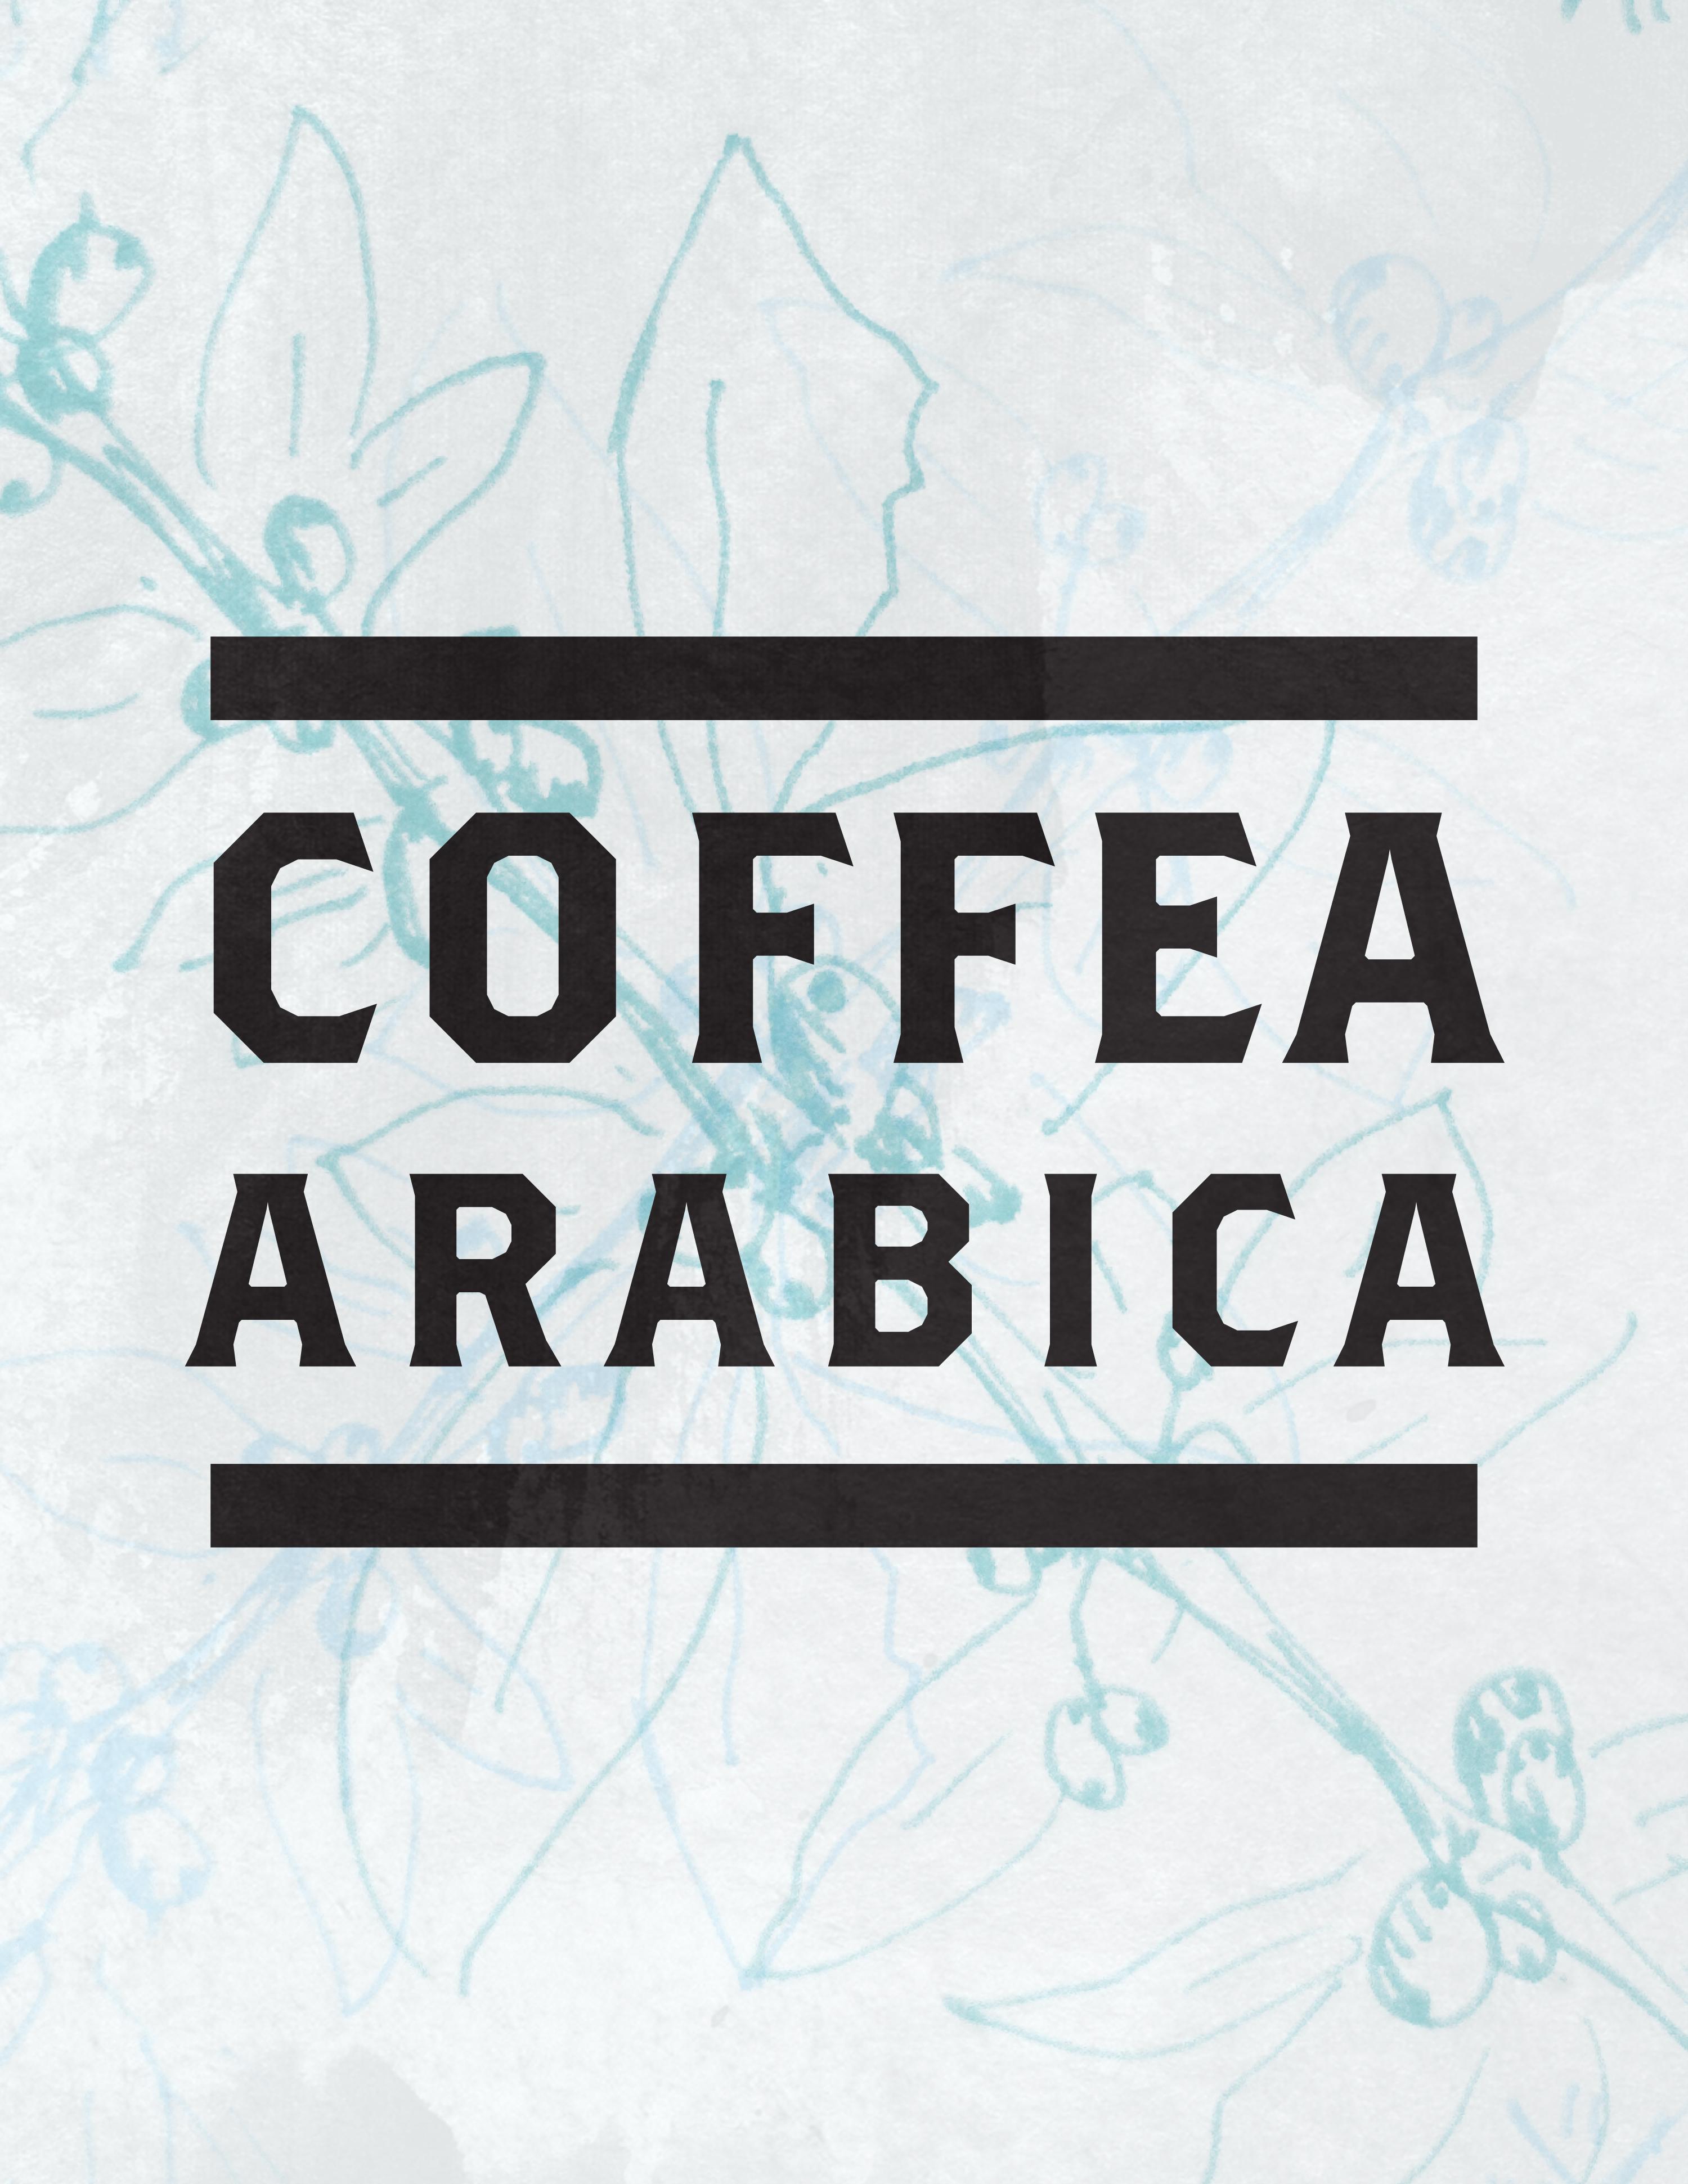 cofea arabica